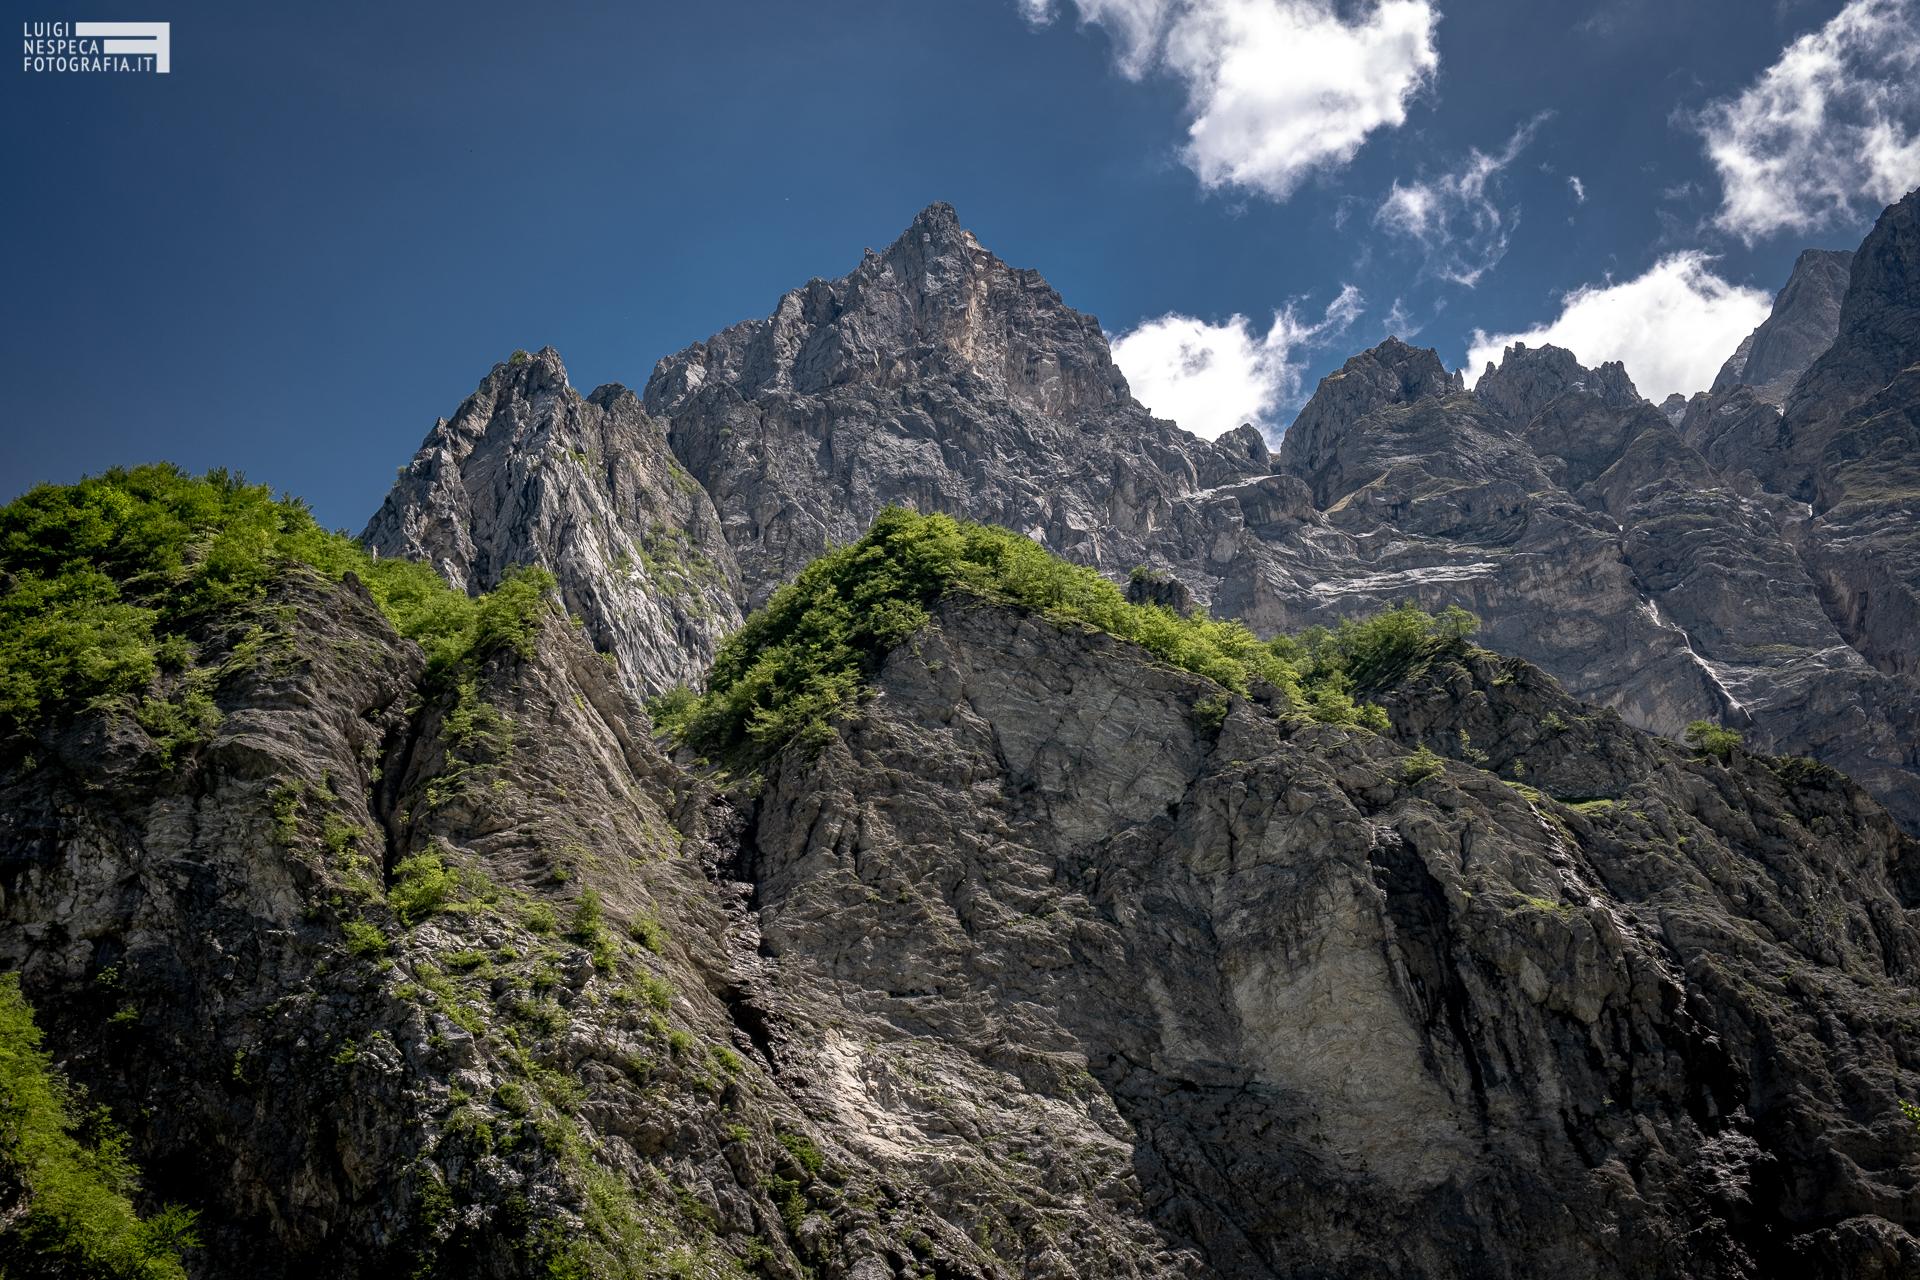 62 - Monte Camicia Parete nord